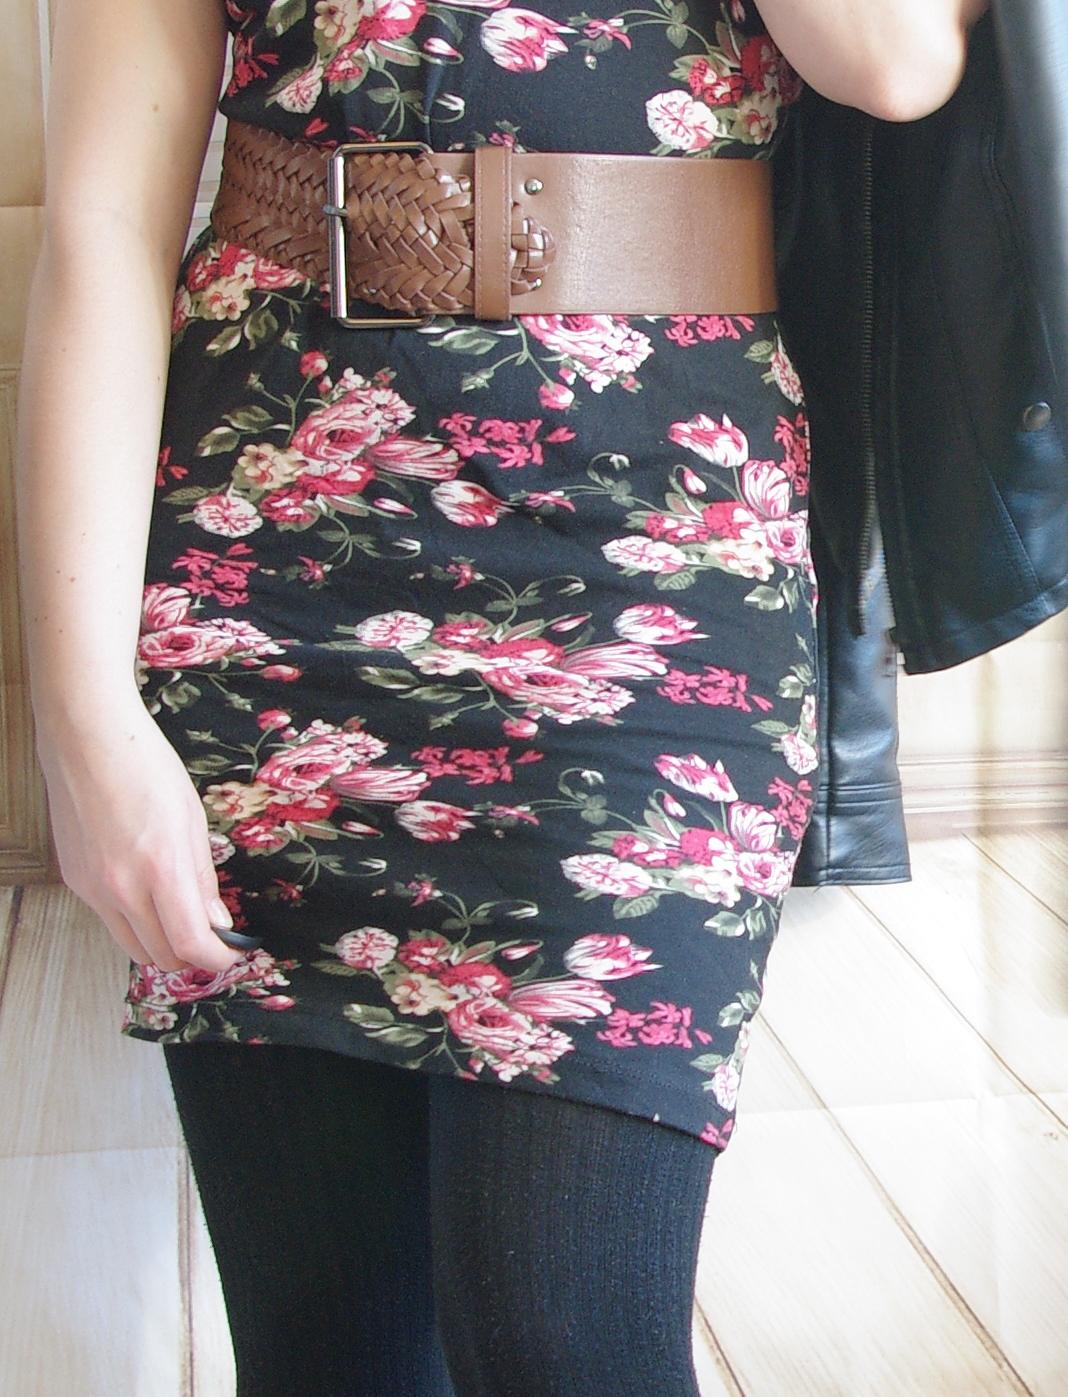 Blümchen-Kleid mit Strumpfhose und Lederjacke - Winteroutfit